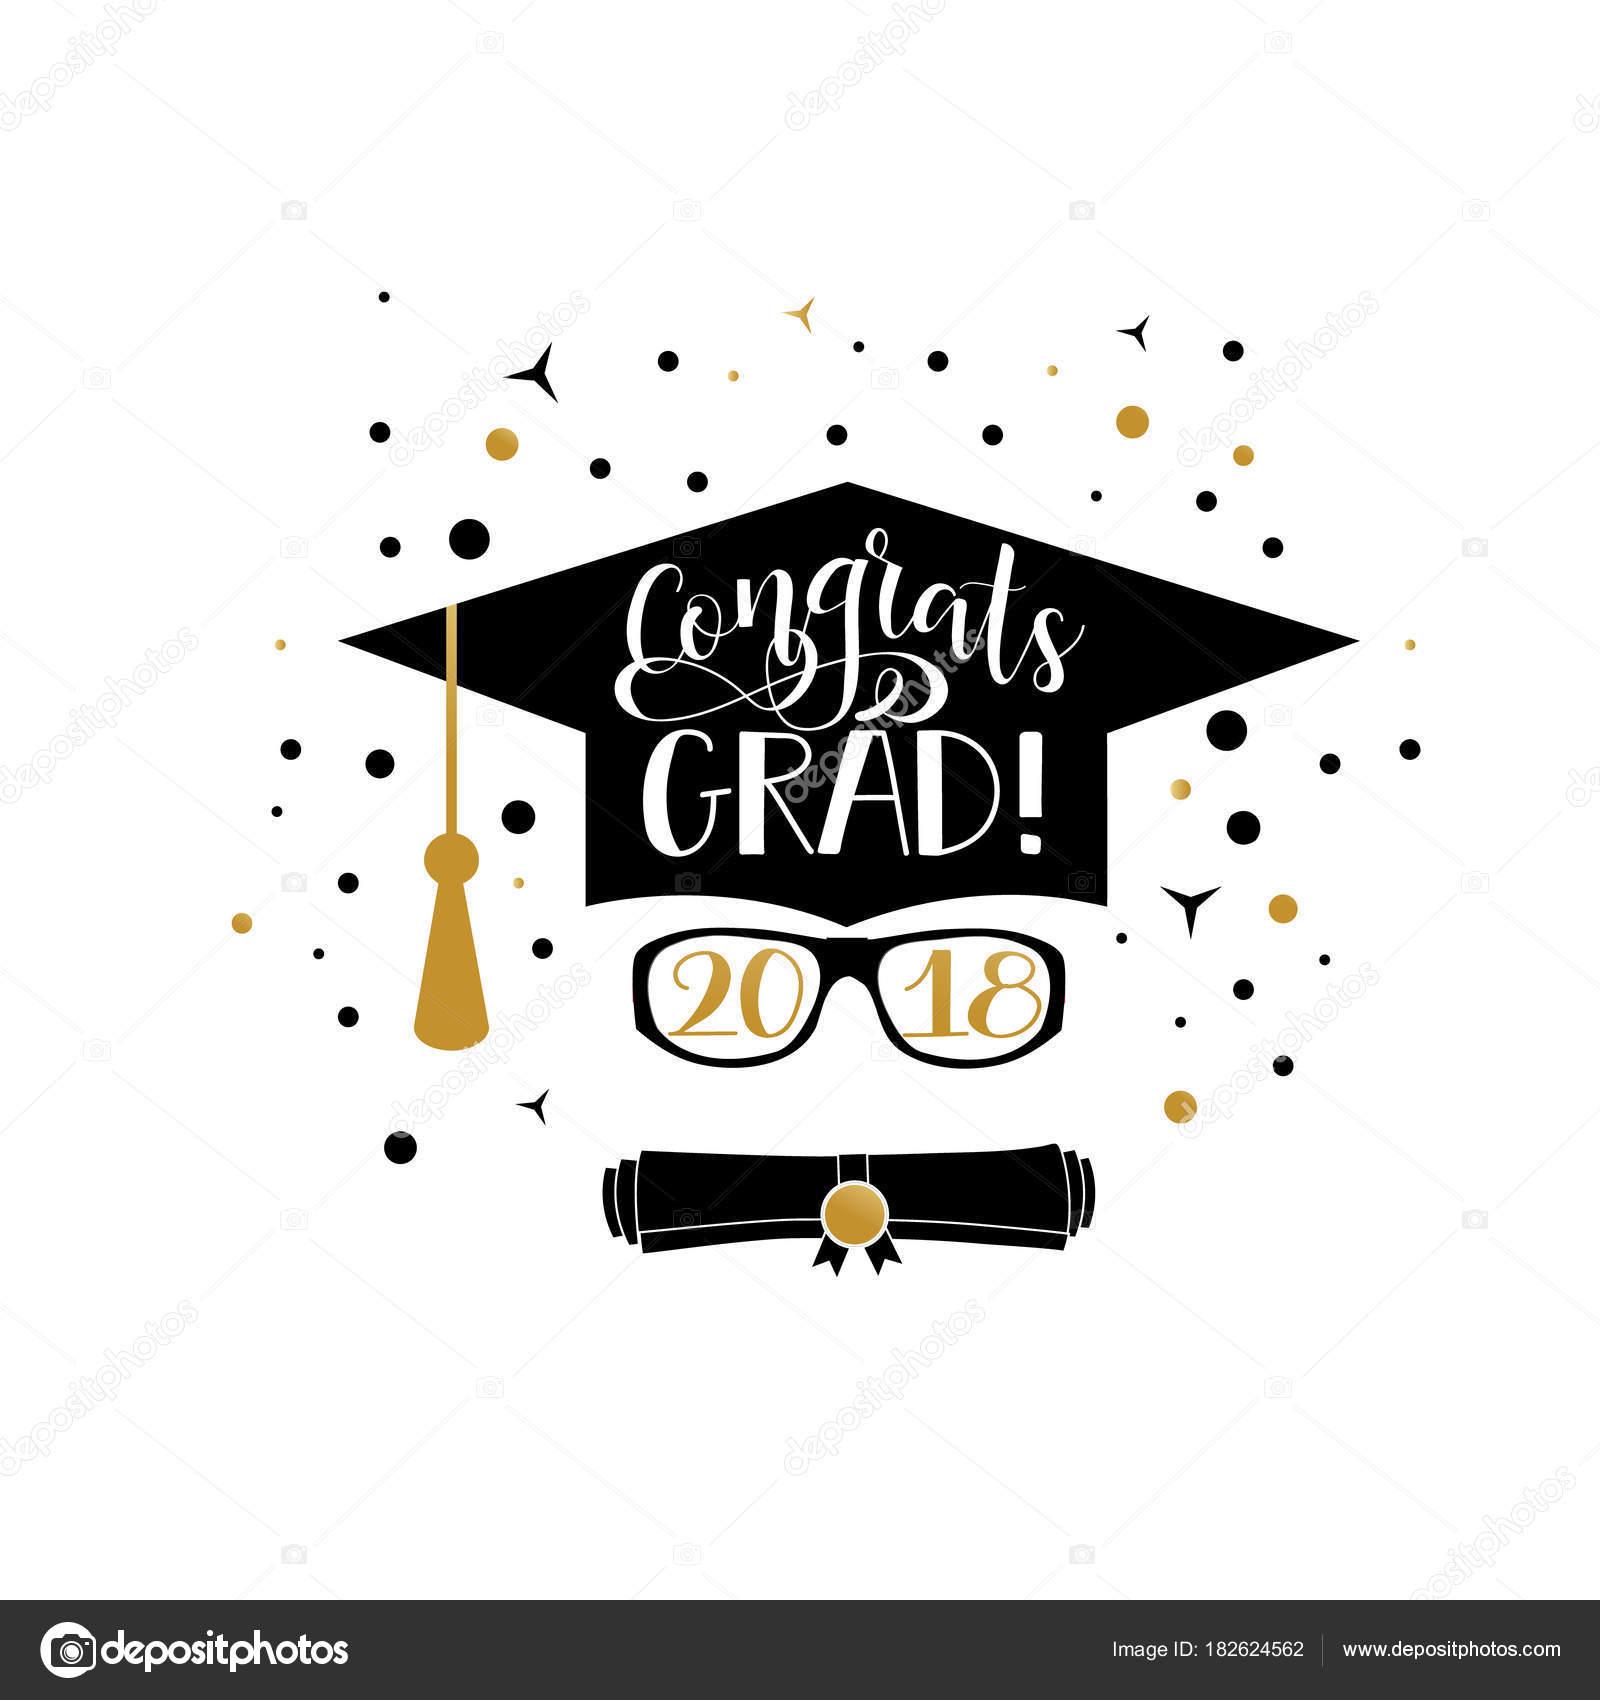 gefeliciteerd met je afstuderen Congrats Grad 2018 belettering. Gefeliciteerd afgestudeerde banner  gefeliciteerd met je afstuderen